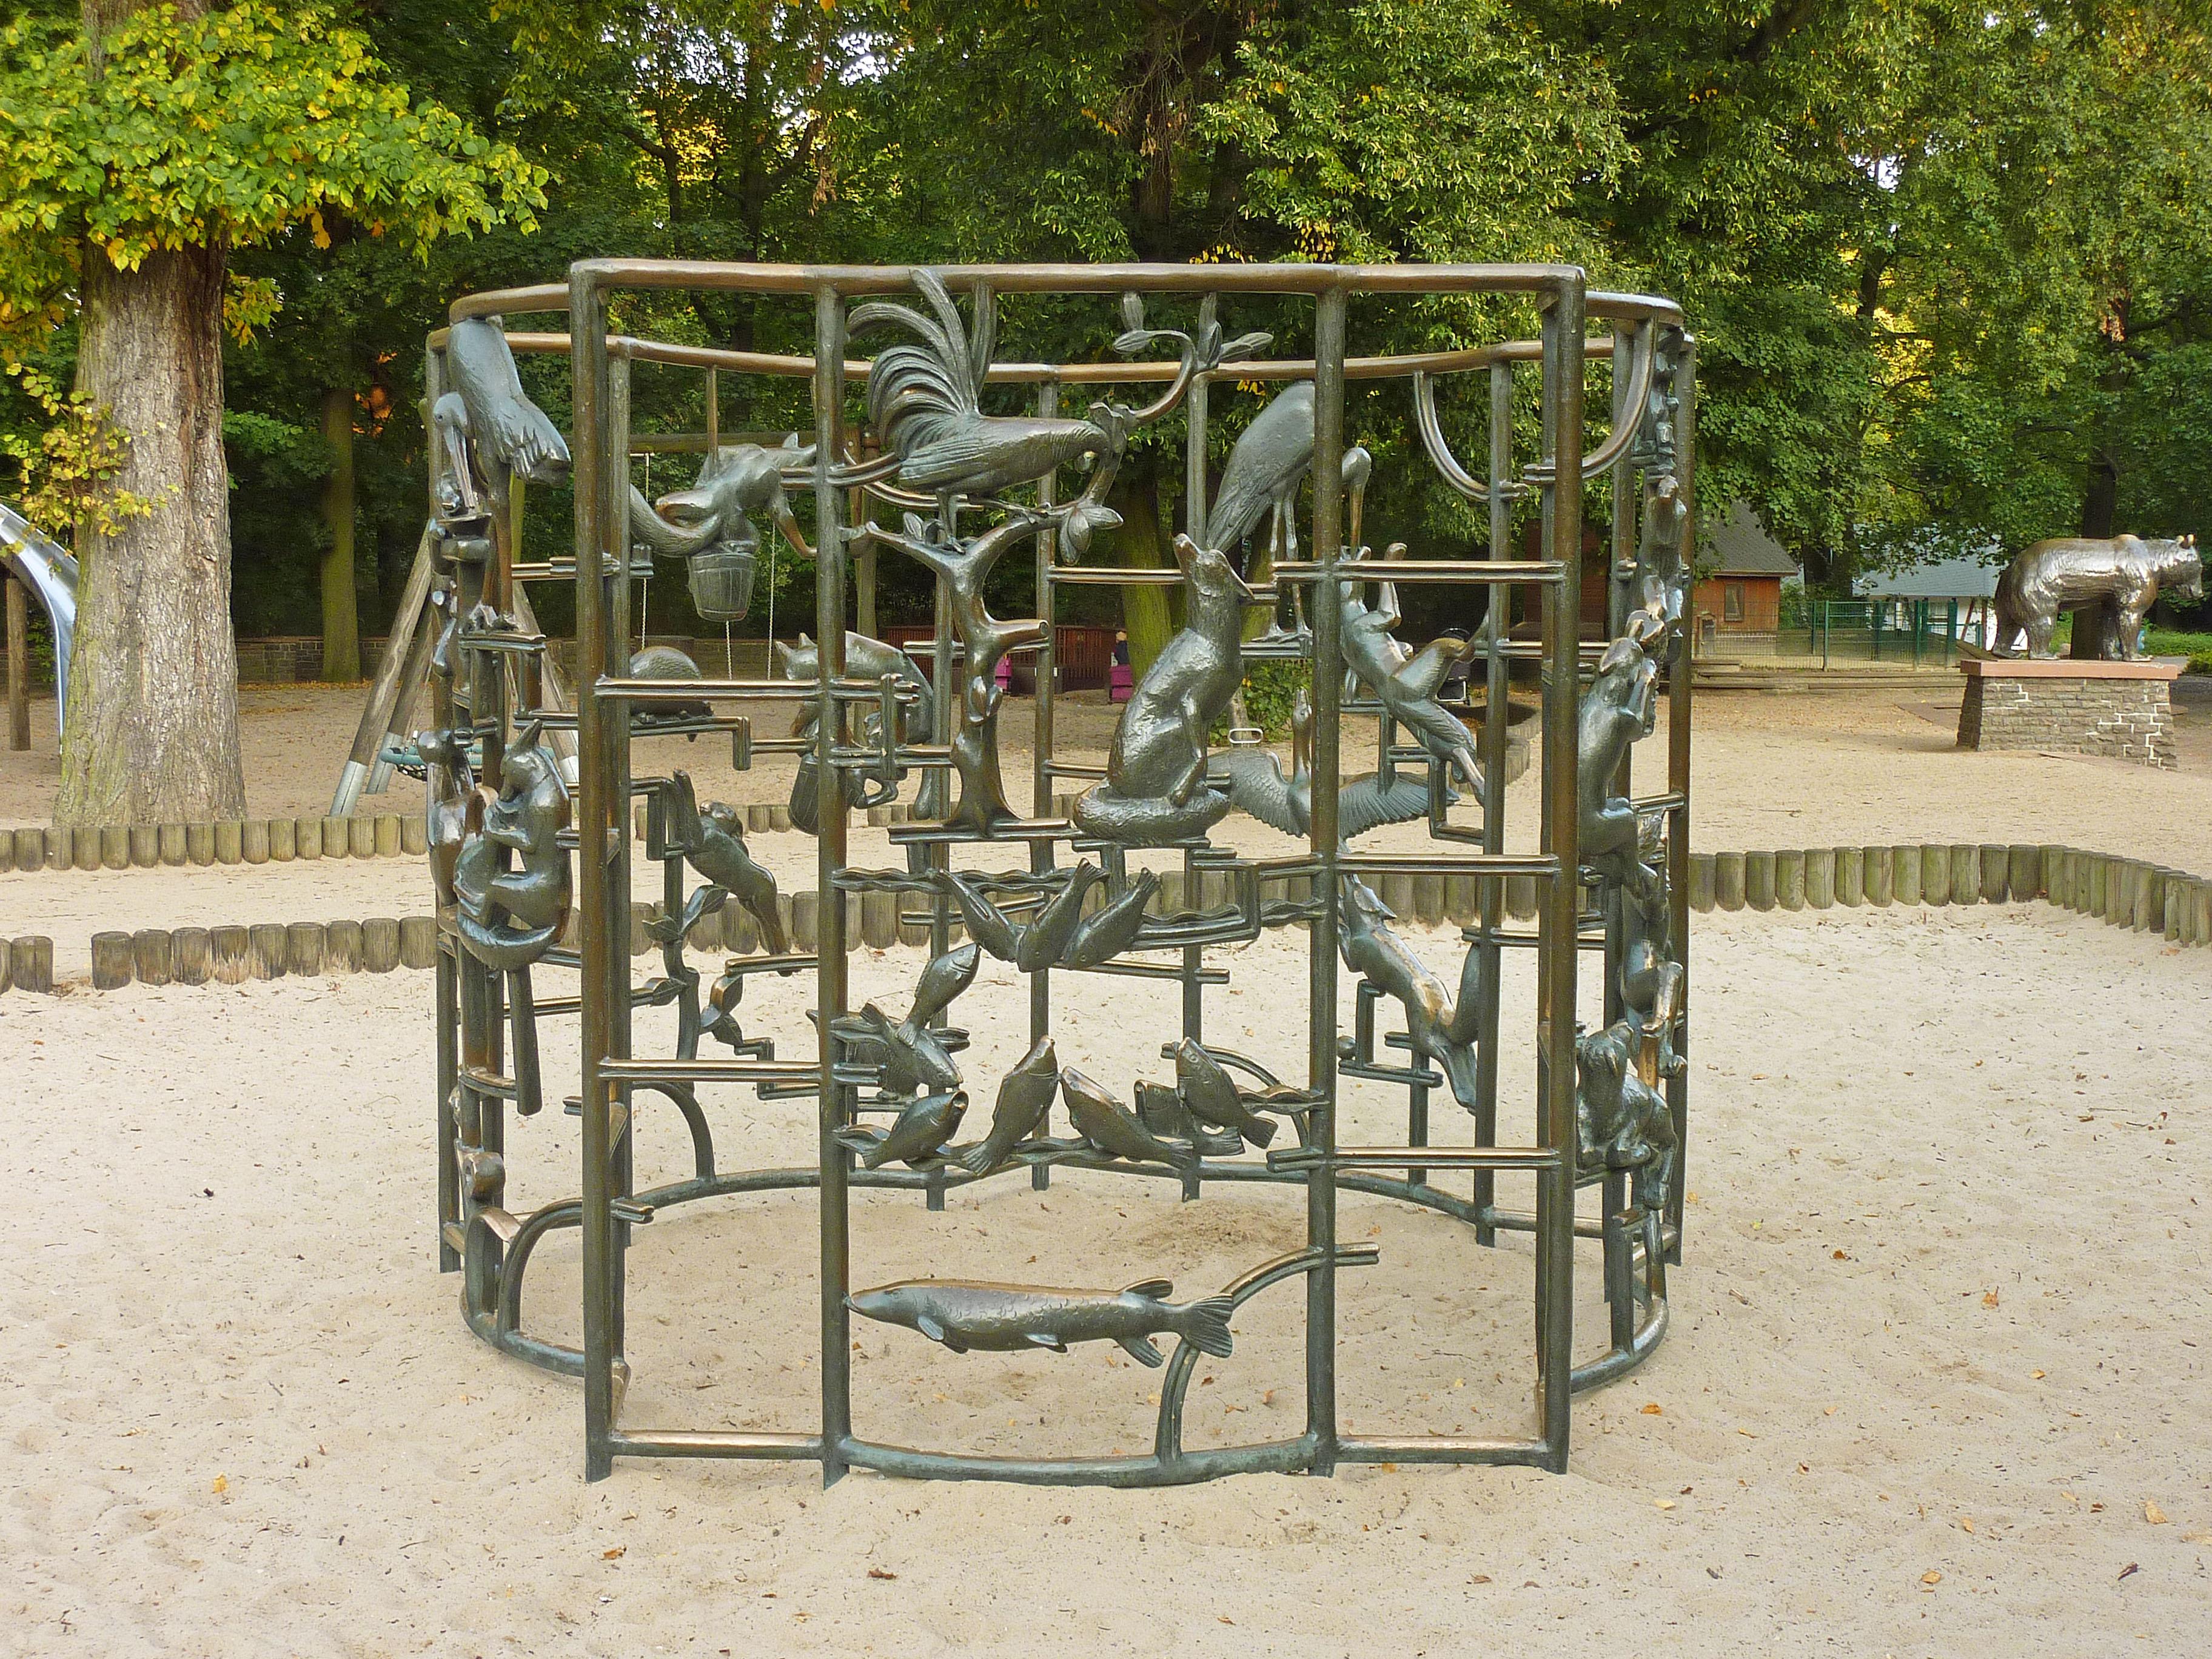 Klettergerüst Wikipedia : File klettergerüst von walter sutkowski seite  g